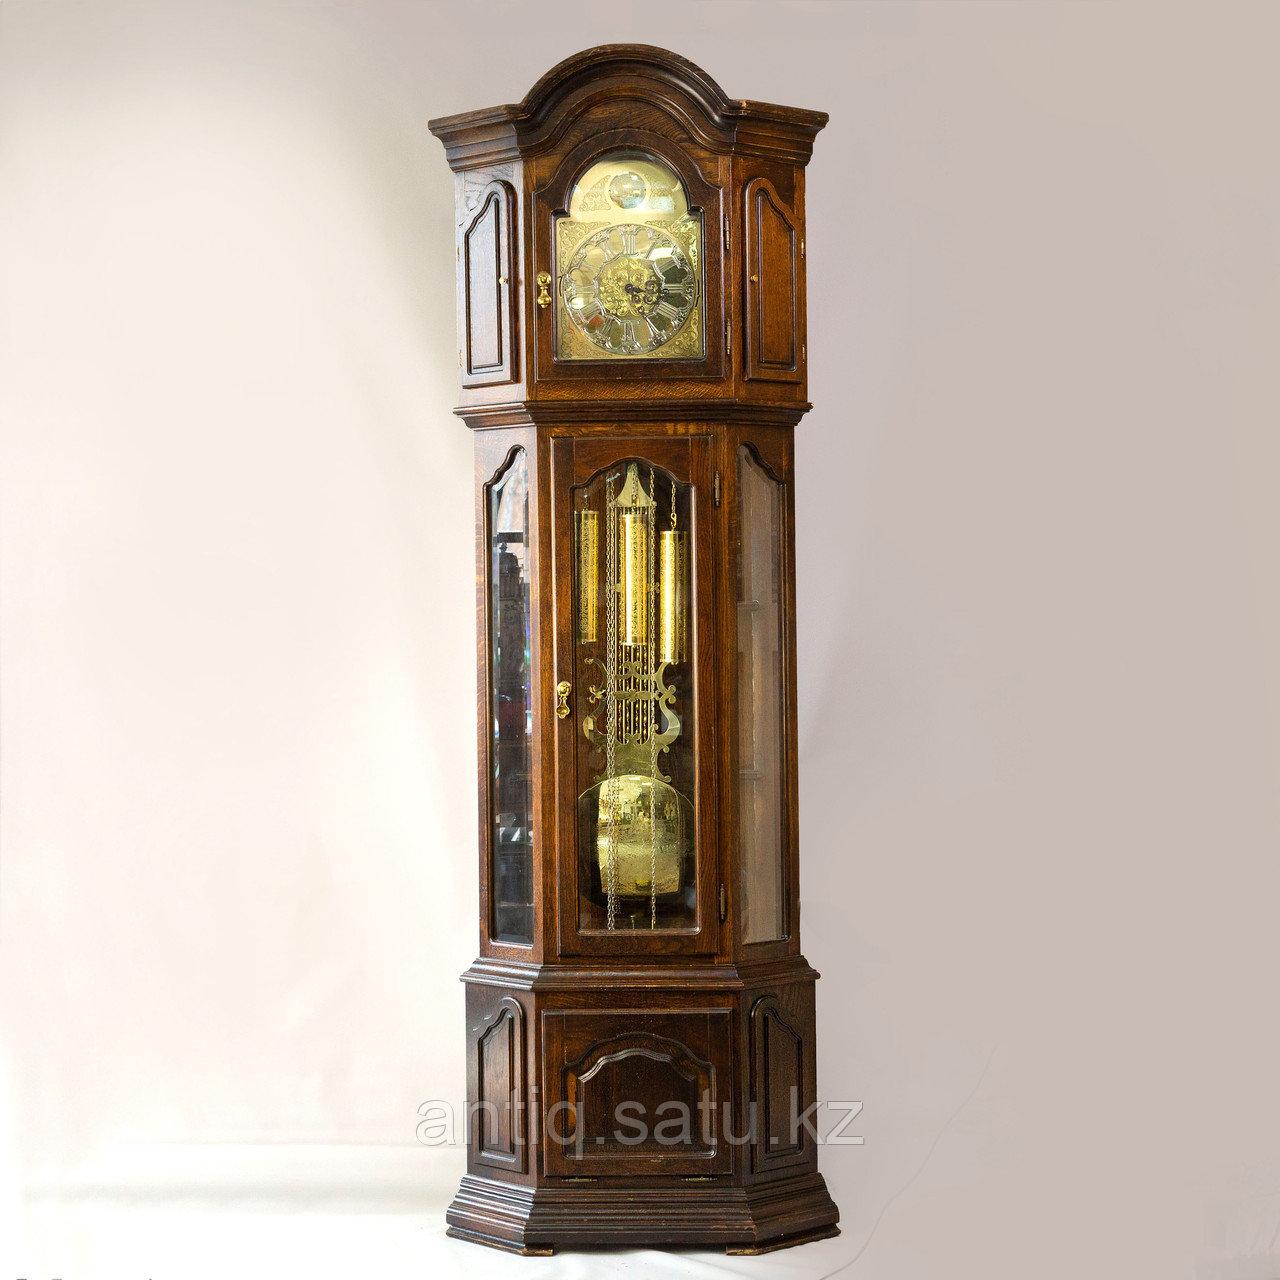 Напольные часы INTERCLOCK. Франция - фото 1